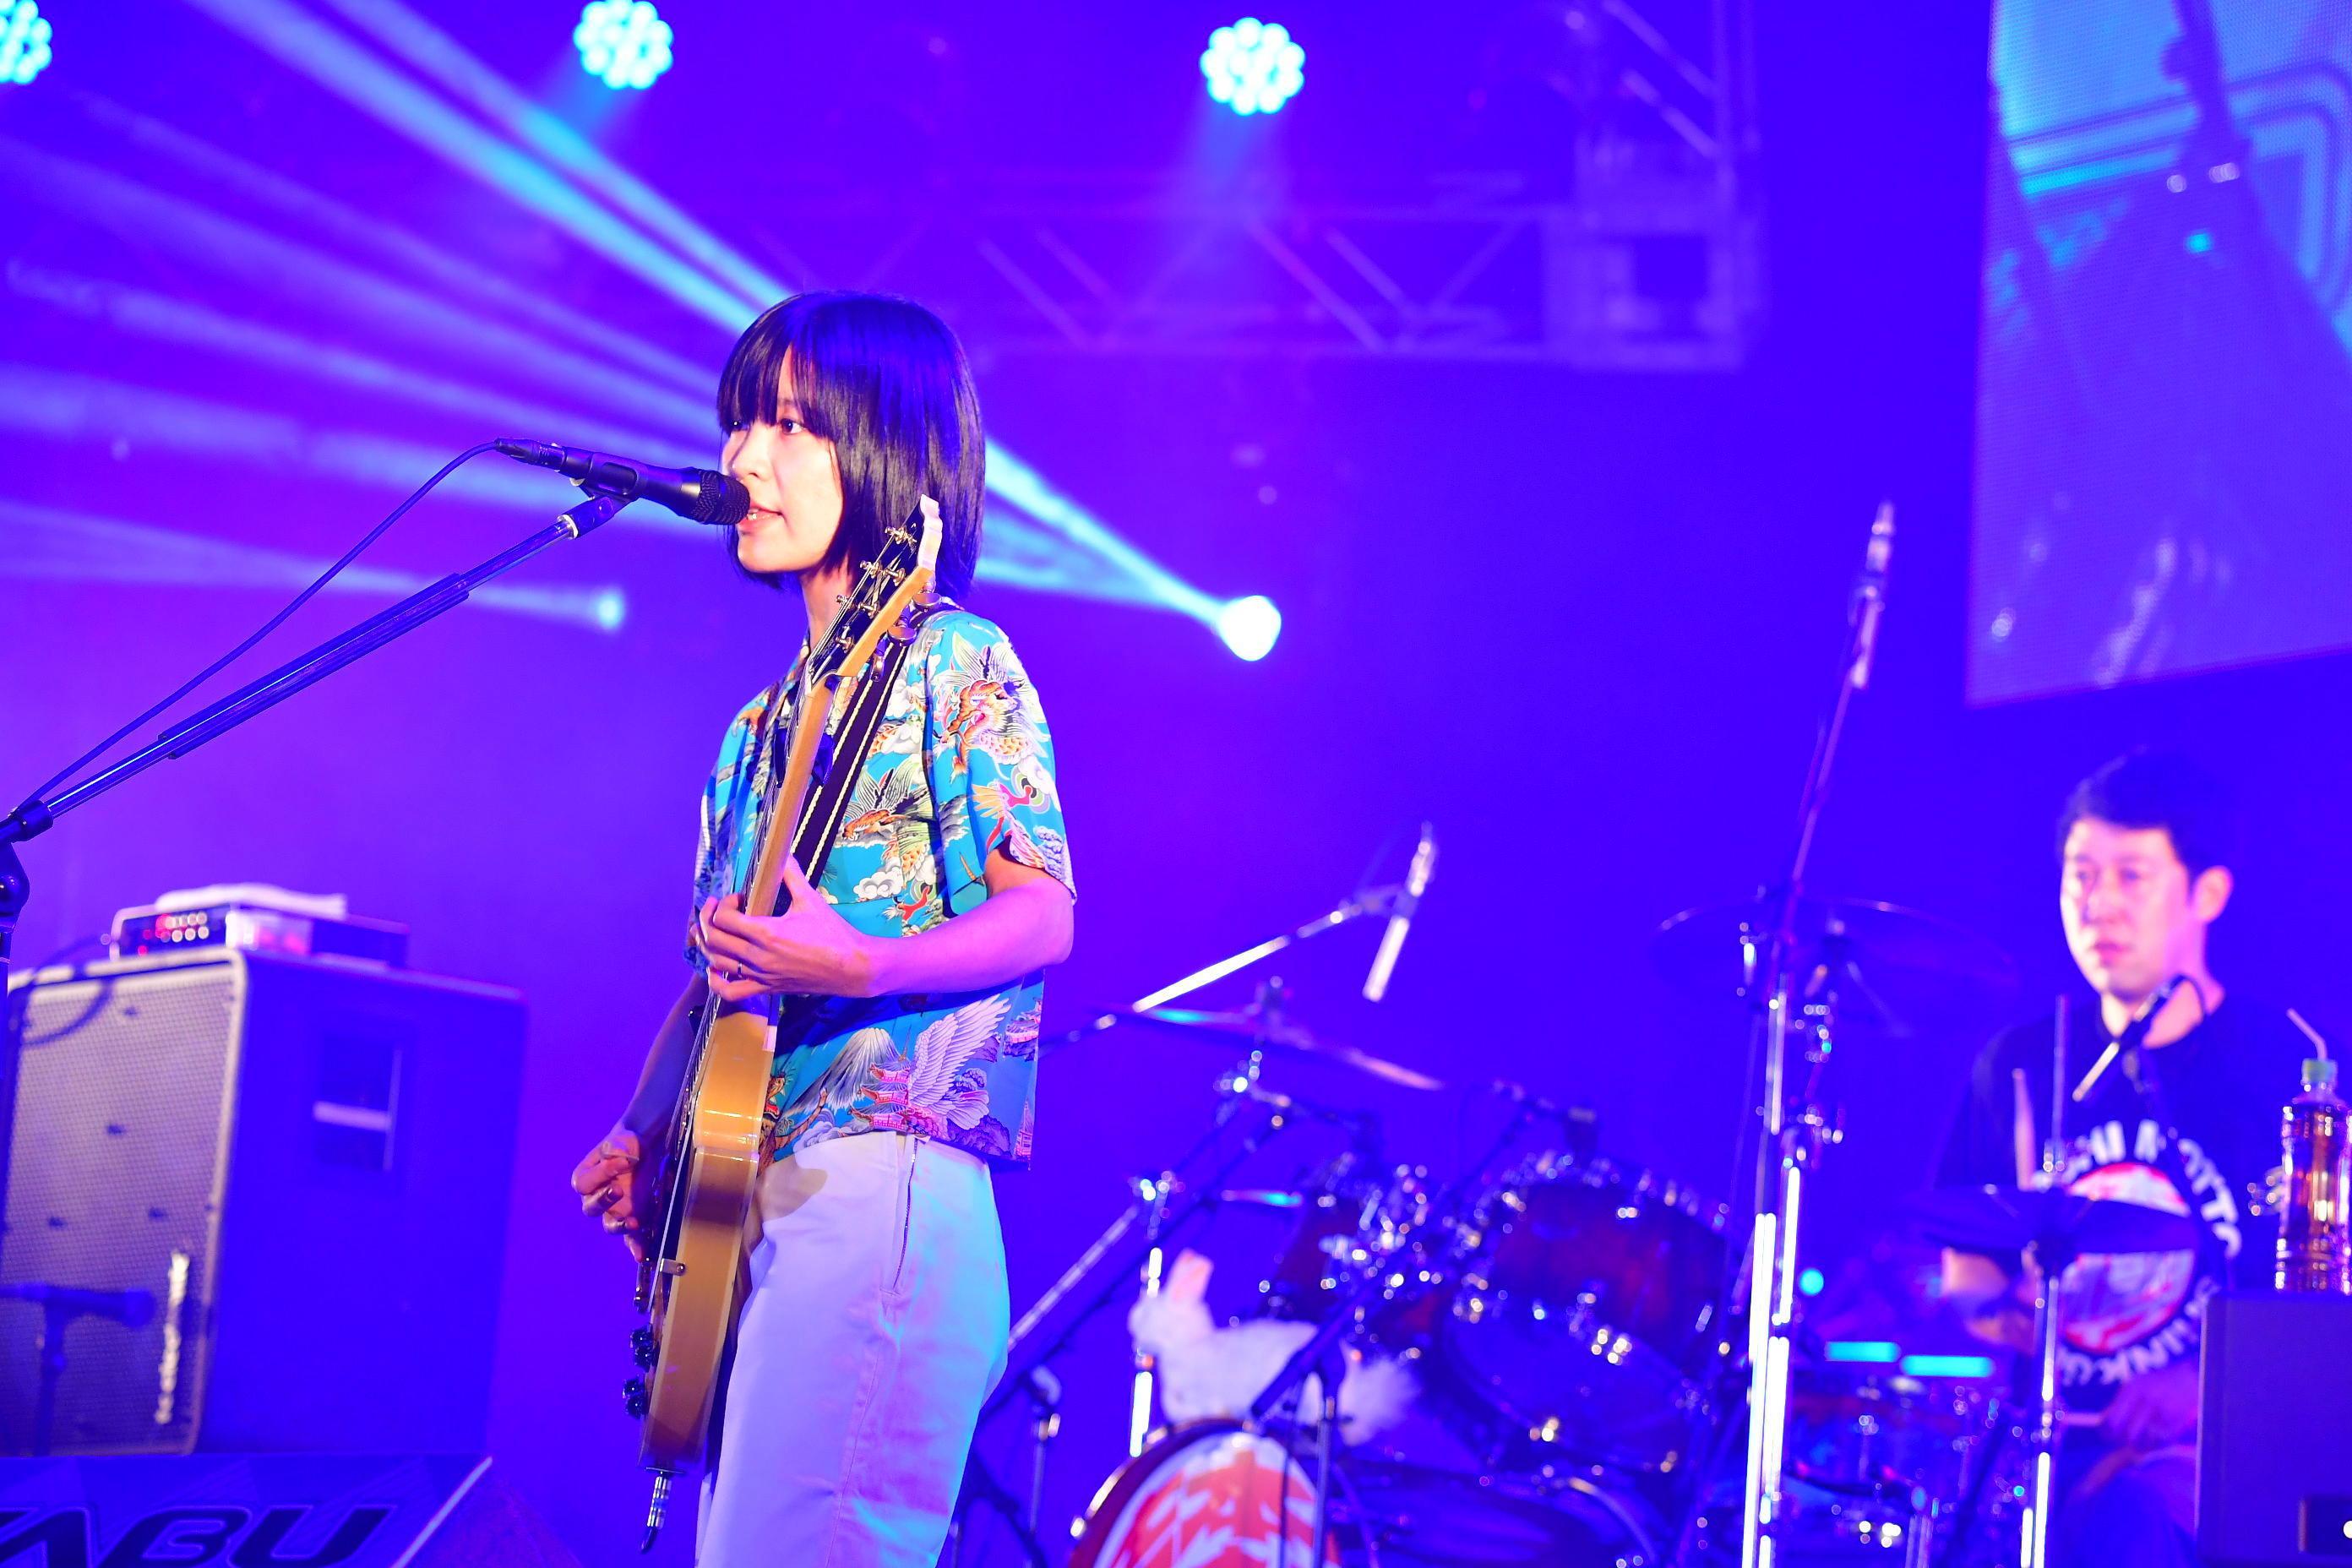 http://news.yoshimoto.co.jp/20171106133046-d4a76f7d88d6b005df550ad758b251e6df732e71.jpg